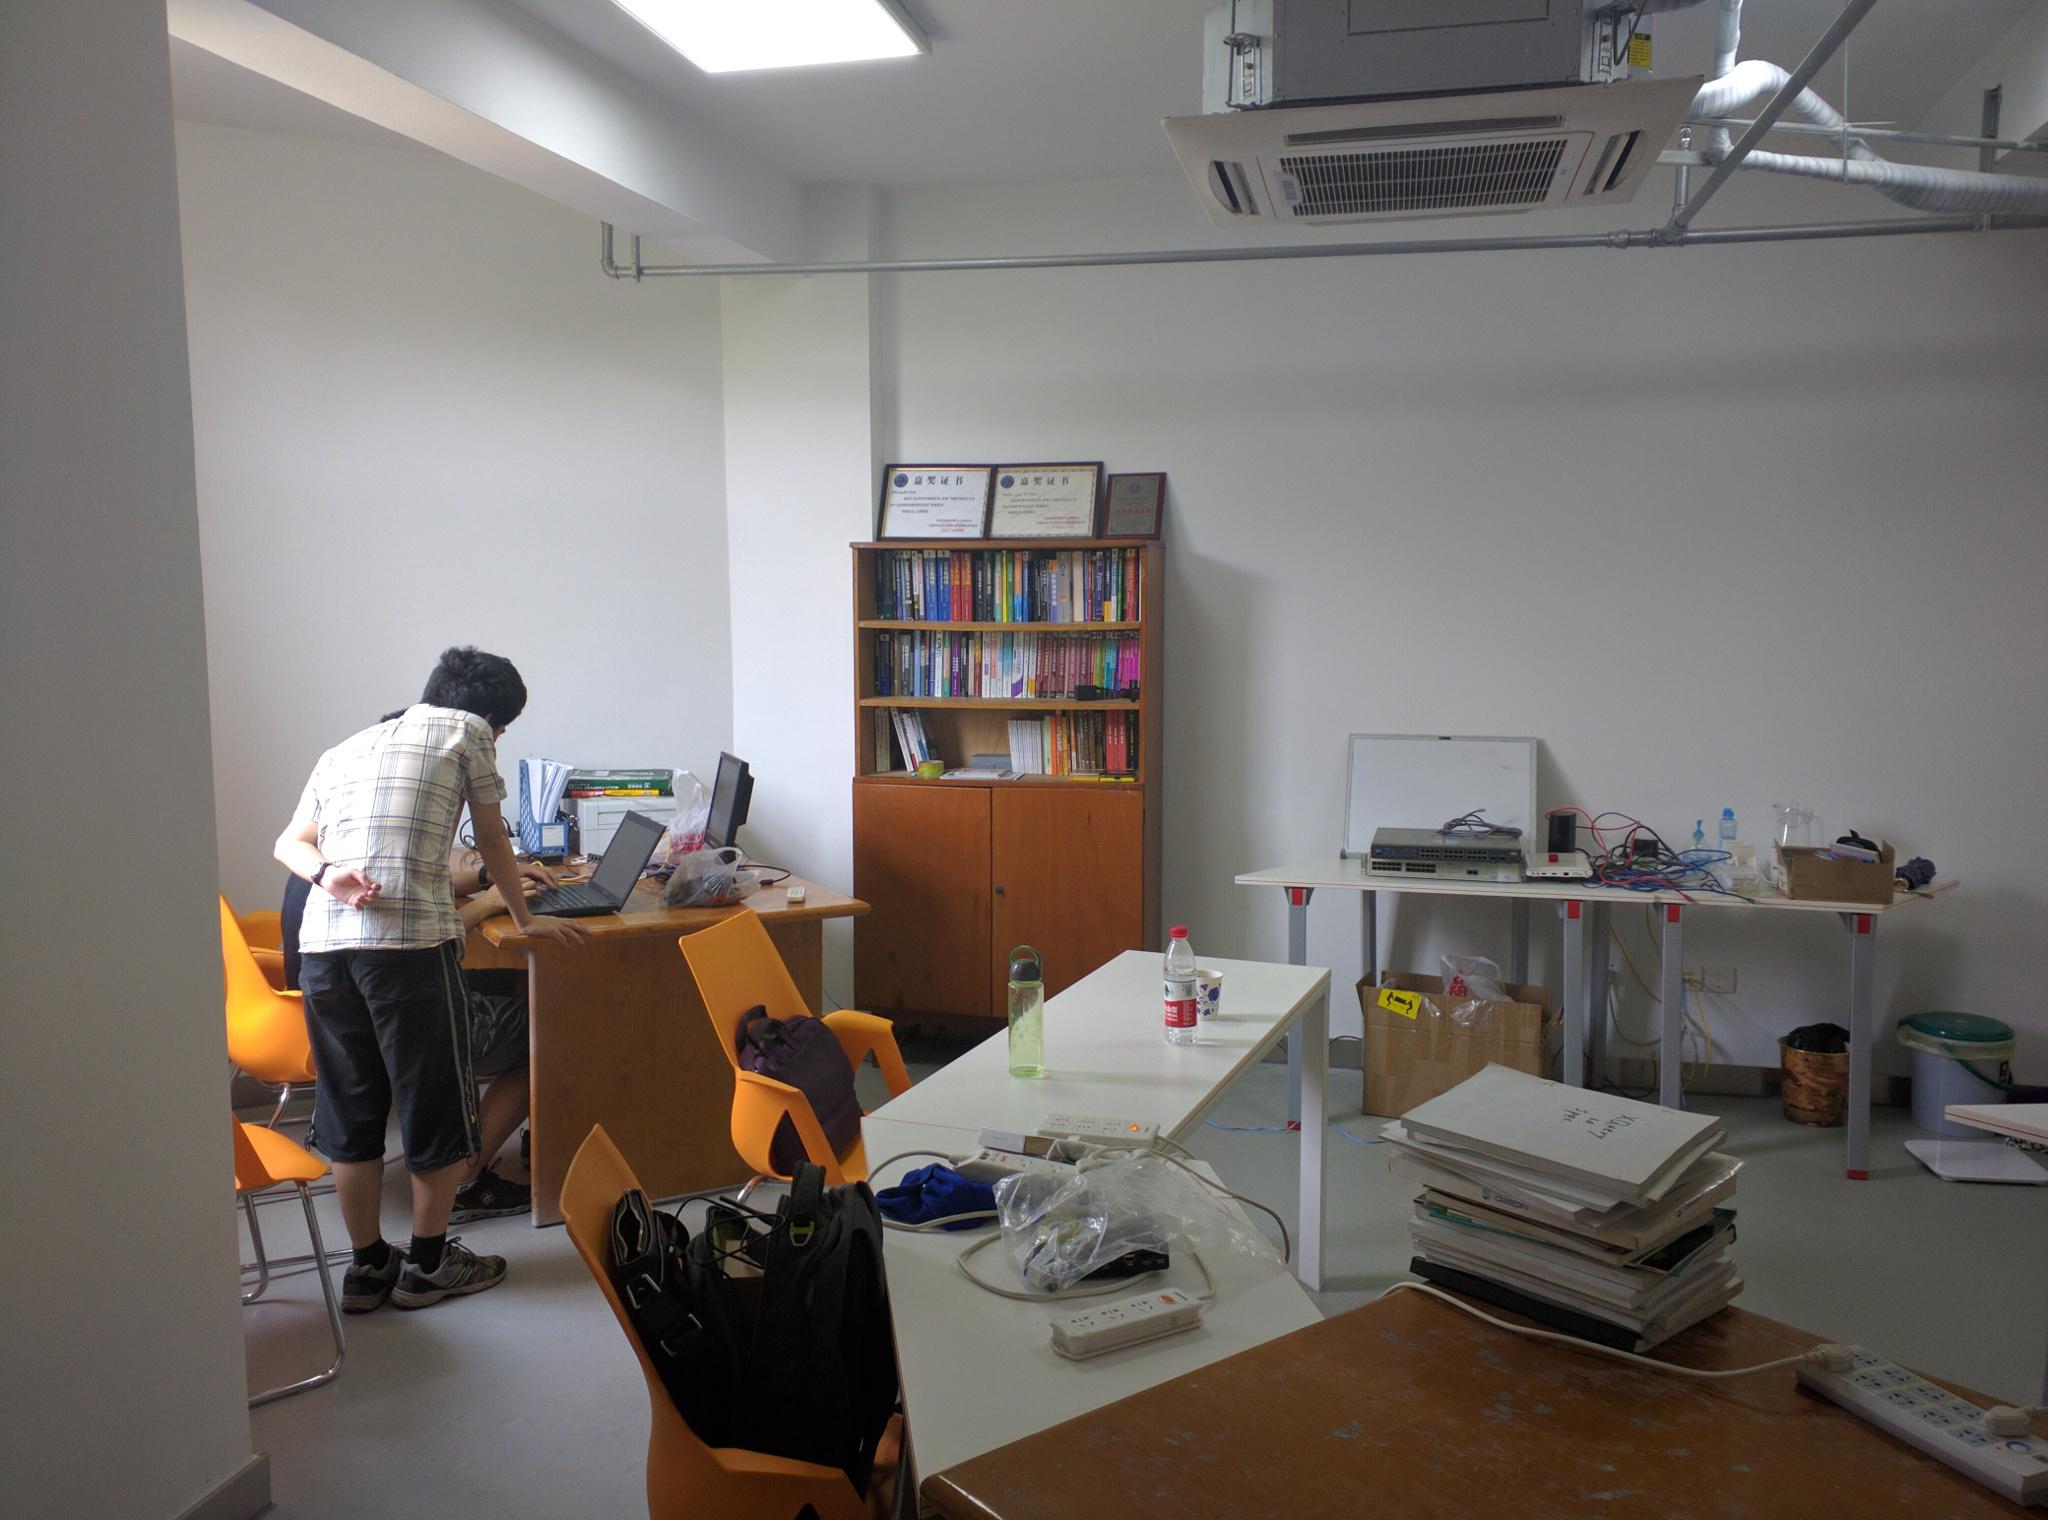 从另一个角度拍摄的刚整理完成的西区新活动室